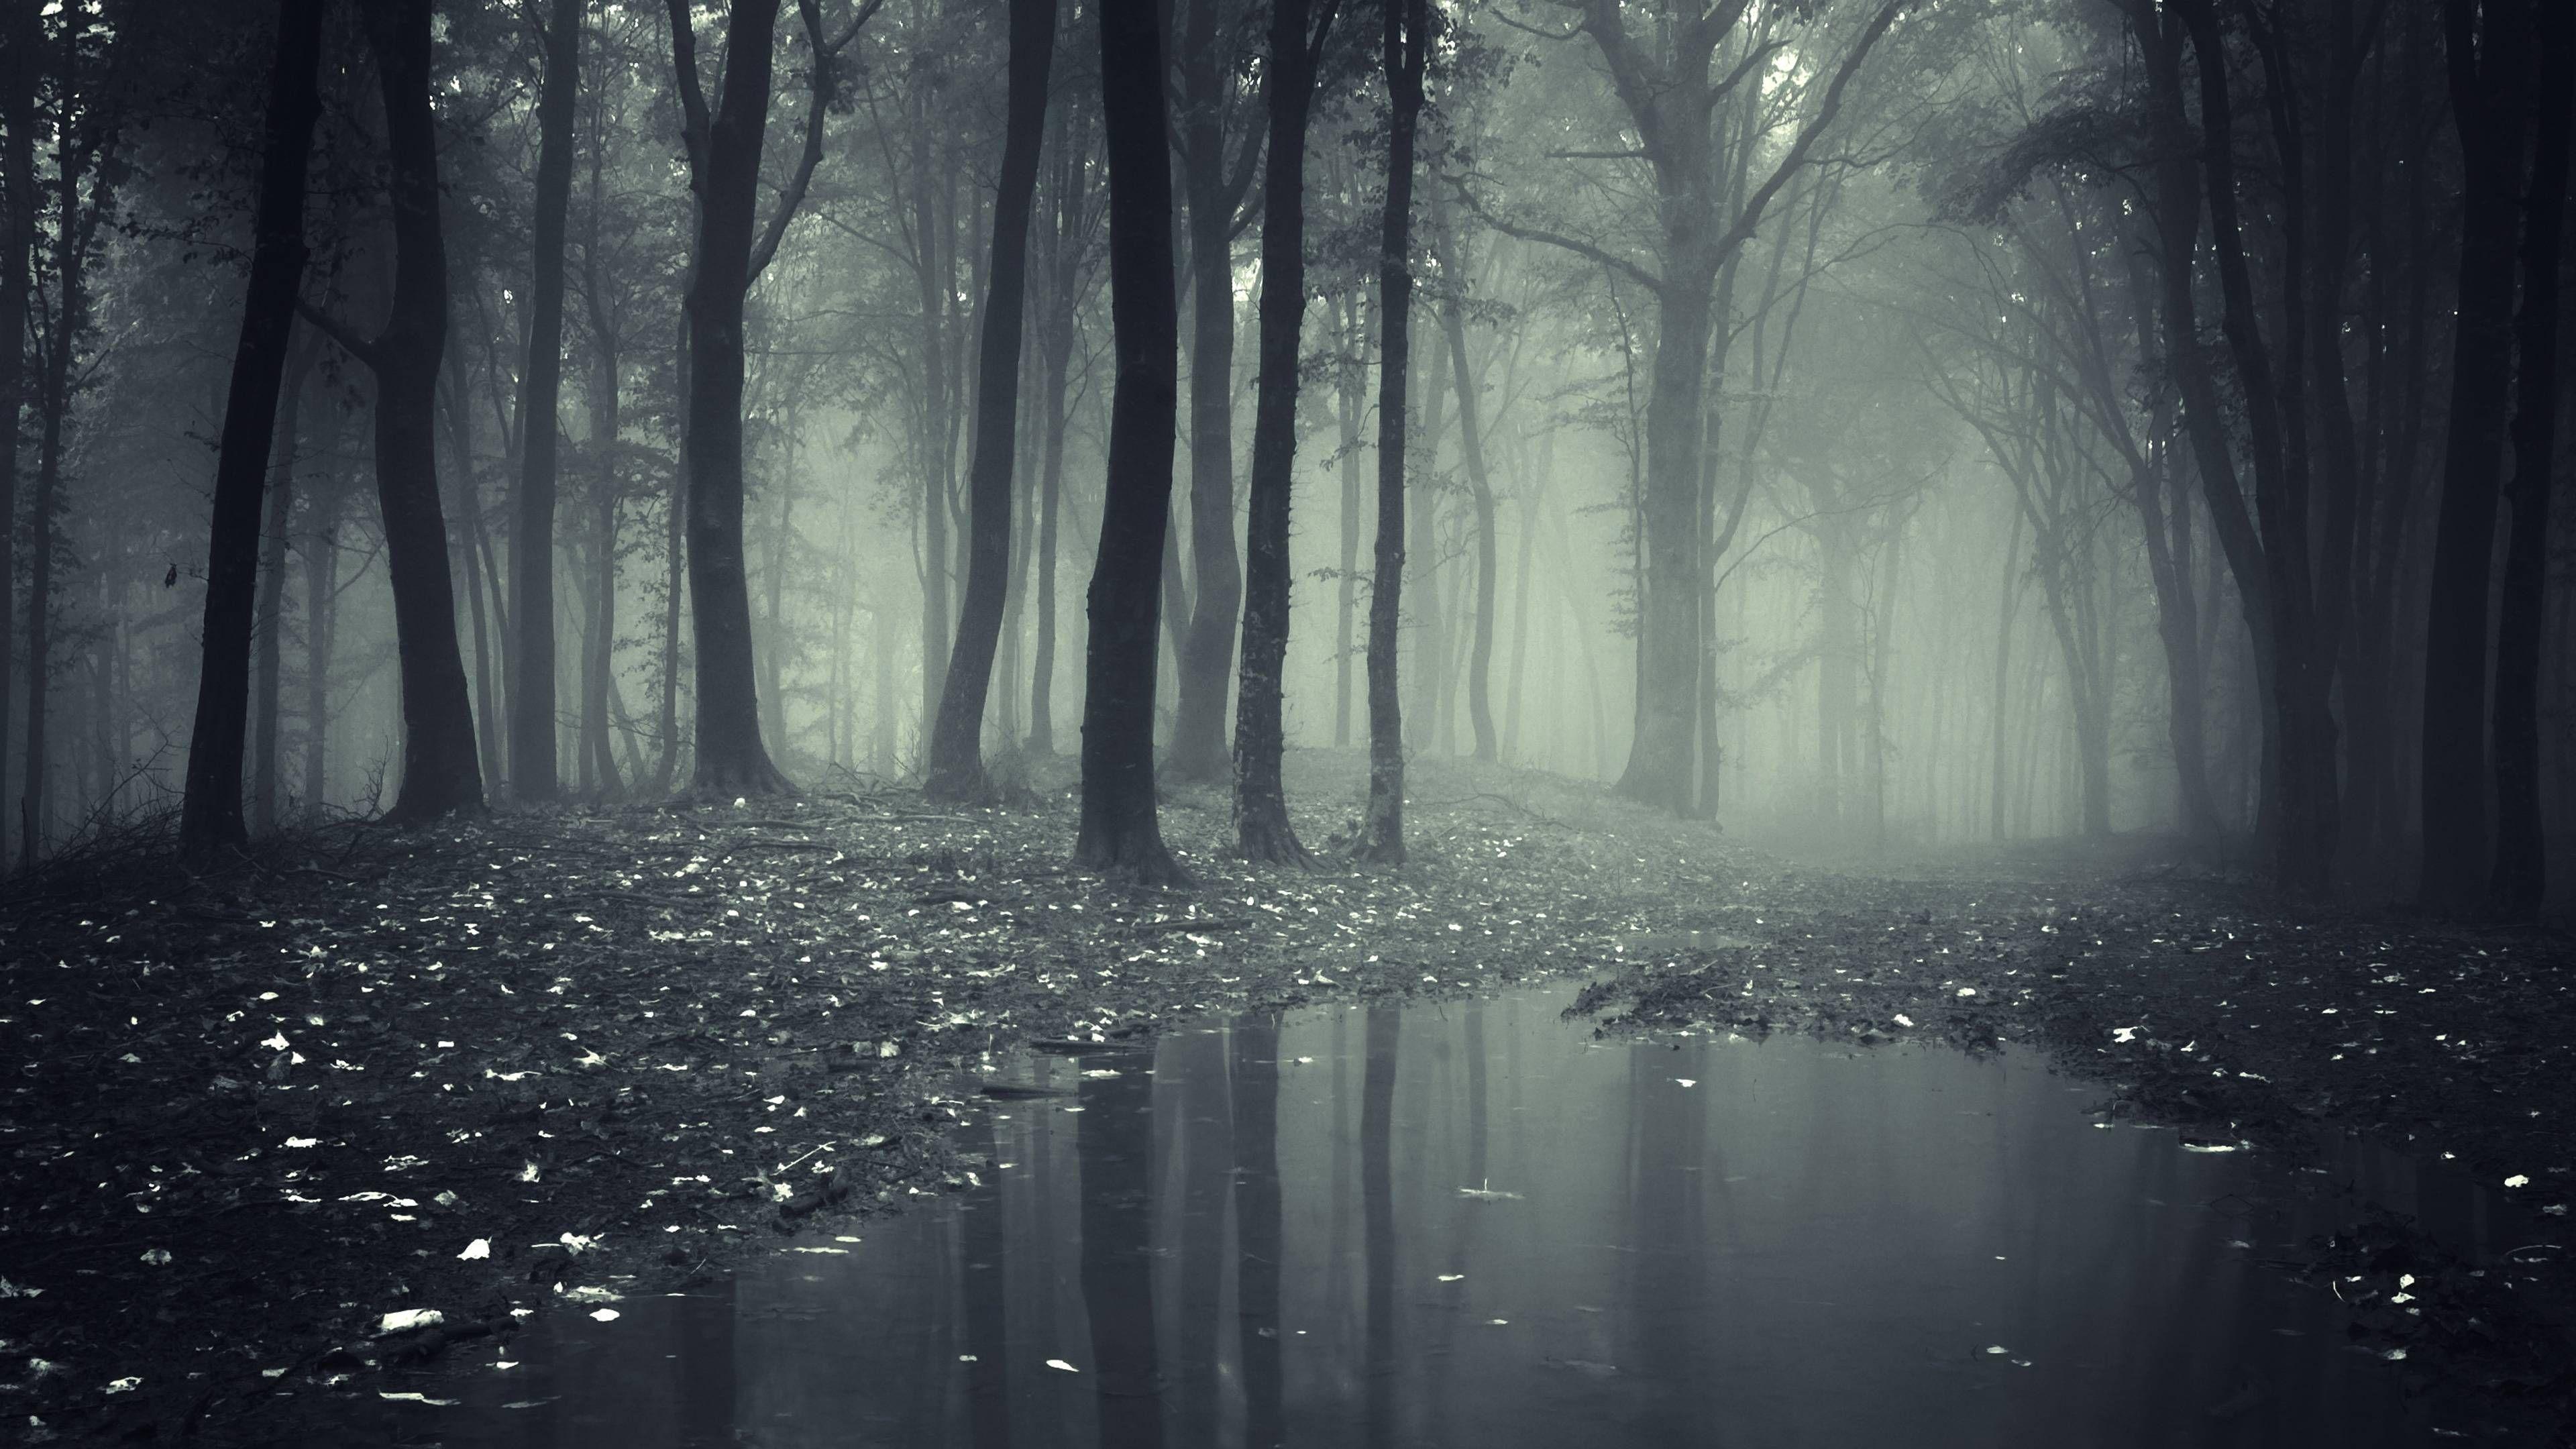 5062 - La aventura en el Bosque Oscuro. ¿Cuál sería tu destino?